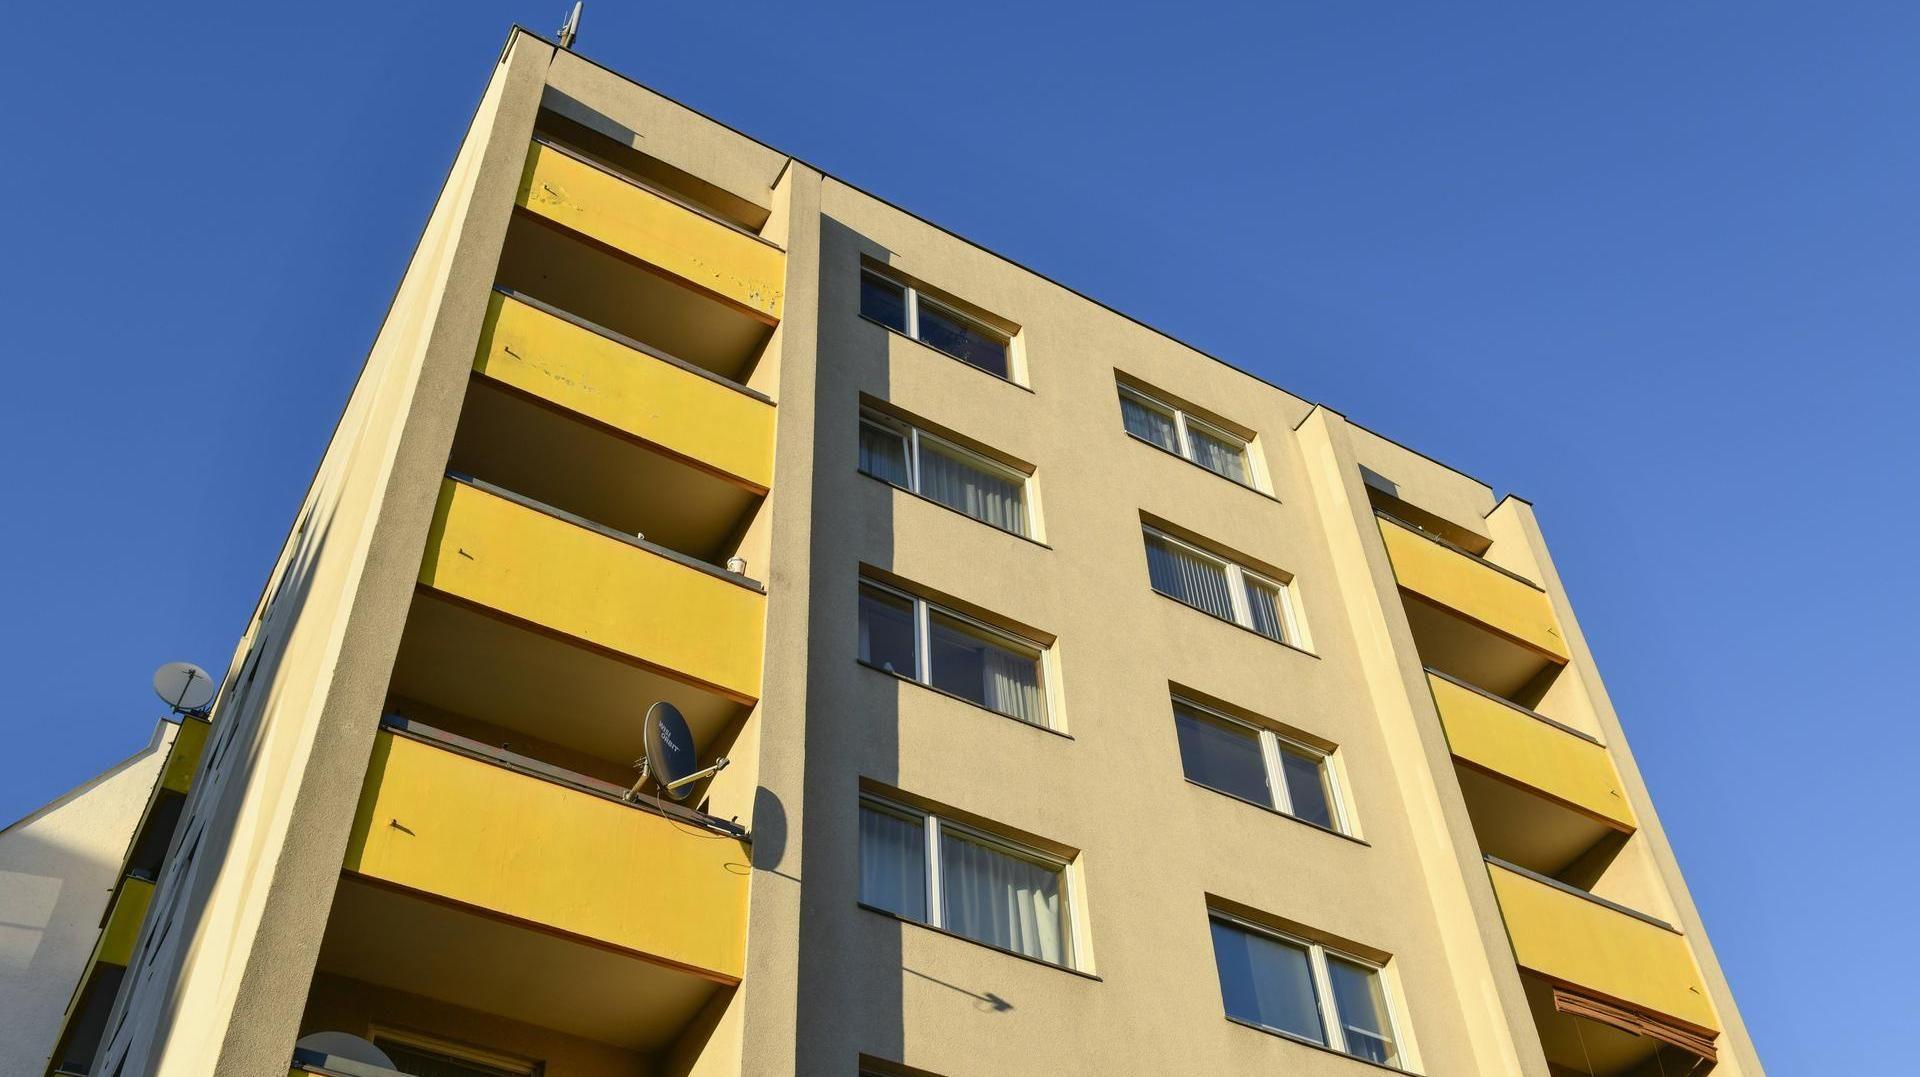 Grundsteuer Mieterbund Warnt Vor Mieterhohungen Grundsteuer Mieterhohung Mietwohnungen